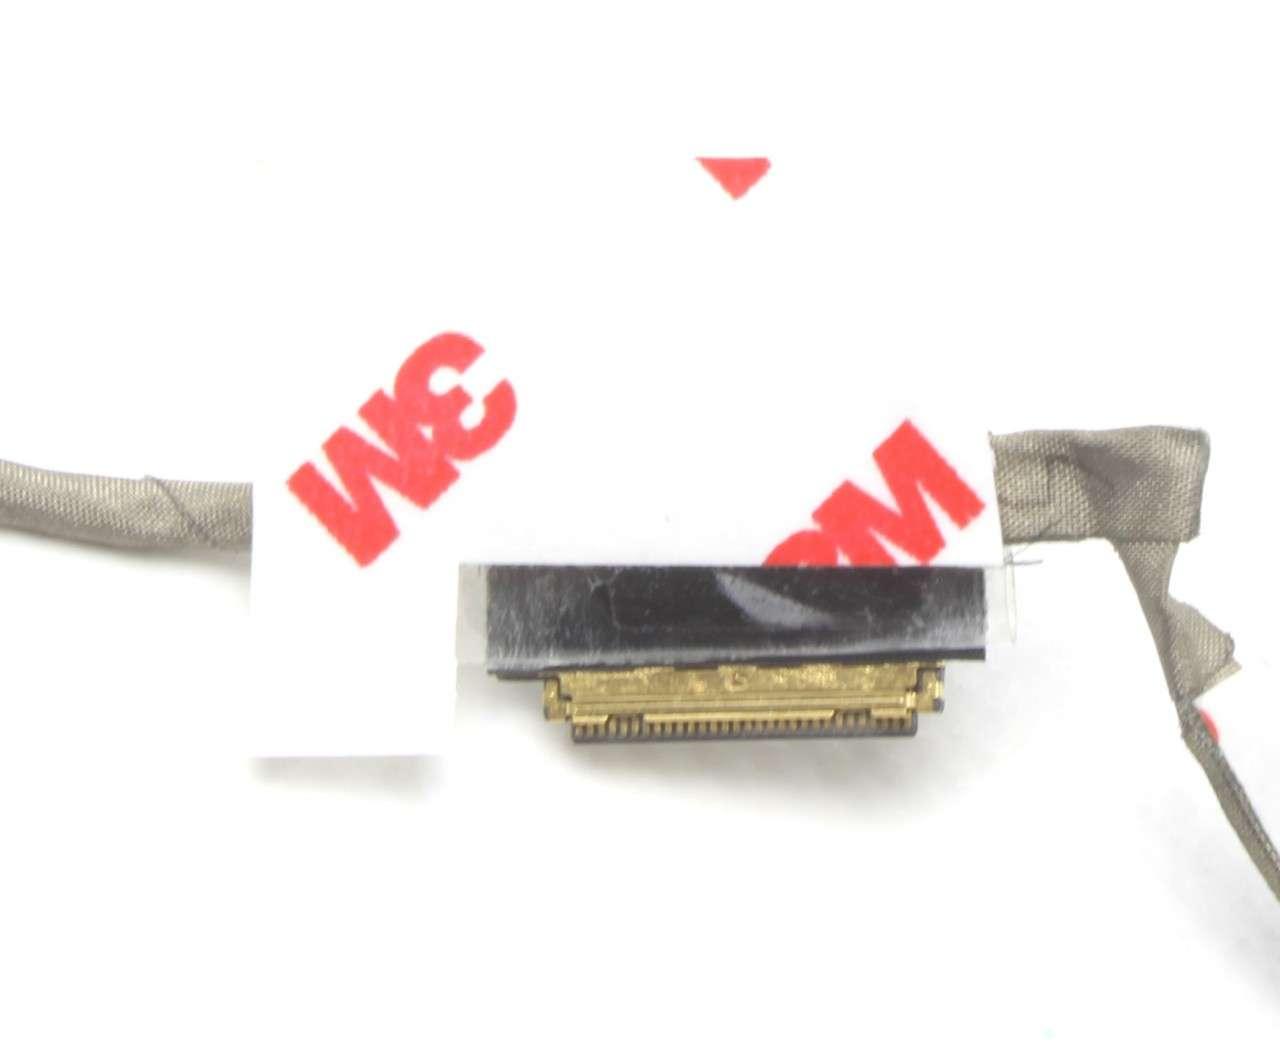 Cablu video LVDS Packard Bell Easynote TE69CX imagine powerlaptop.ro 2021